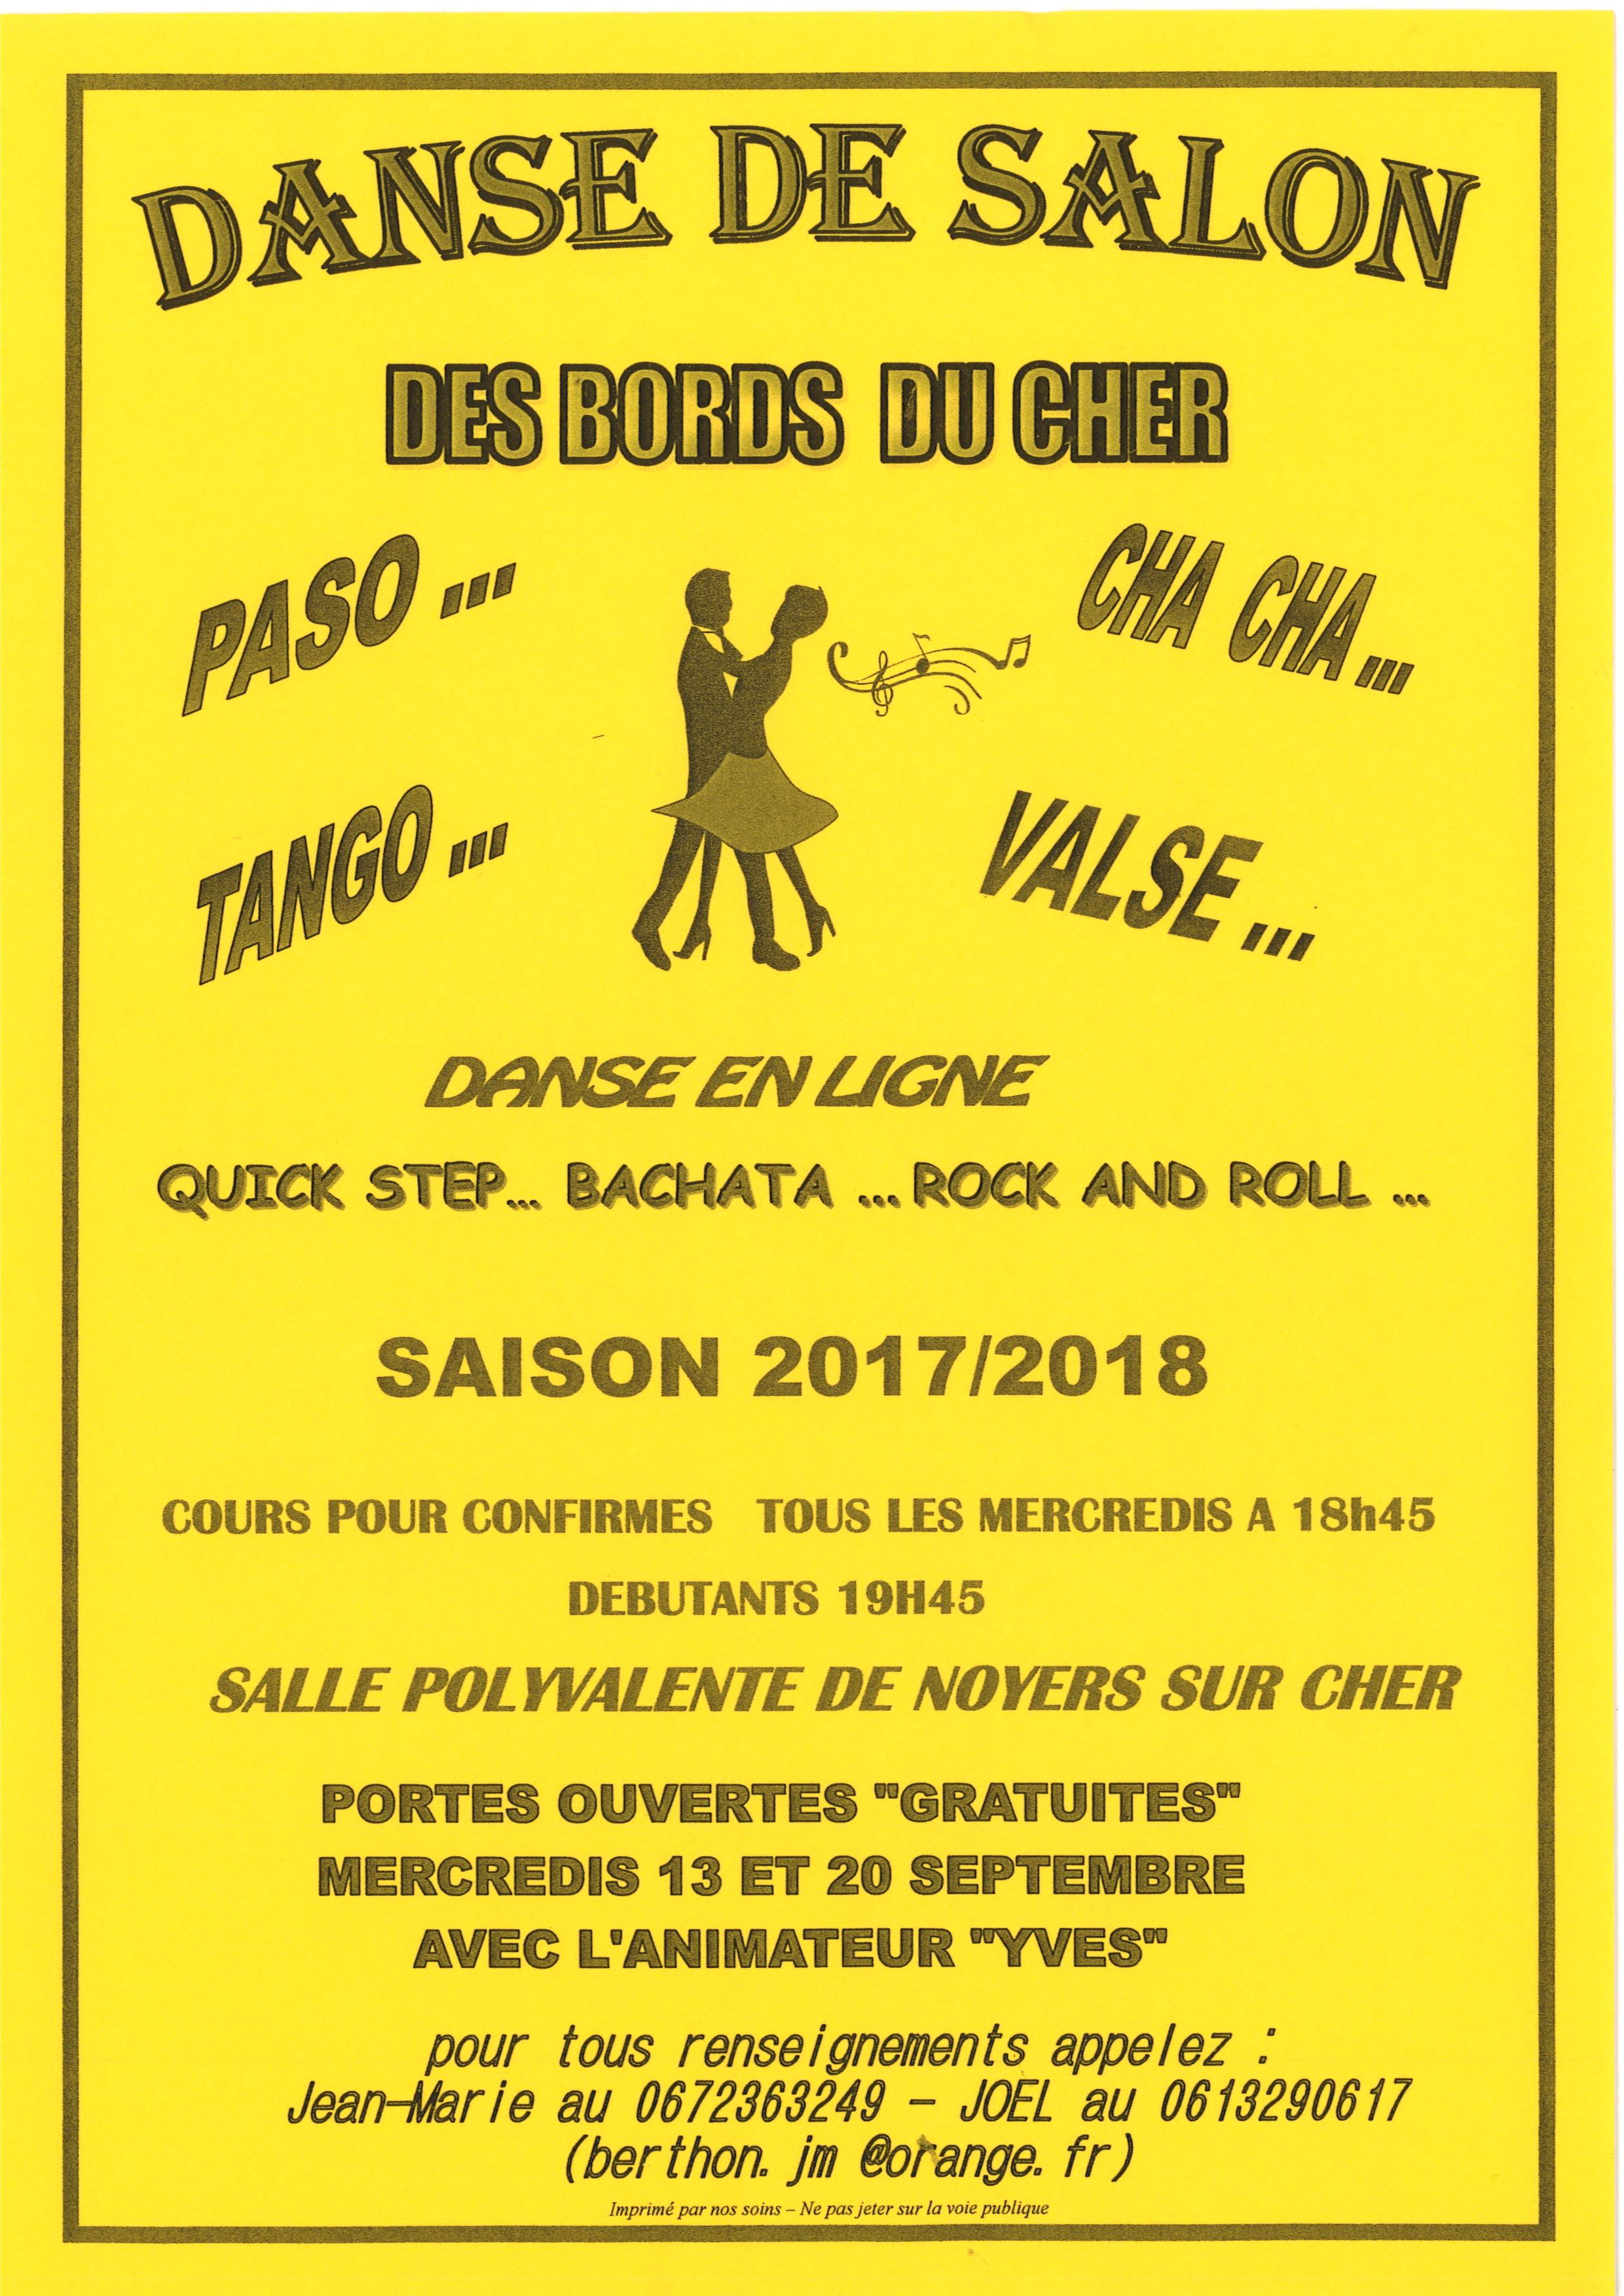 Porte ouverte danses de salon for Porte ouverte patrouille de france salon